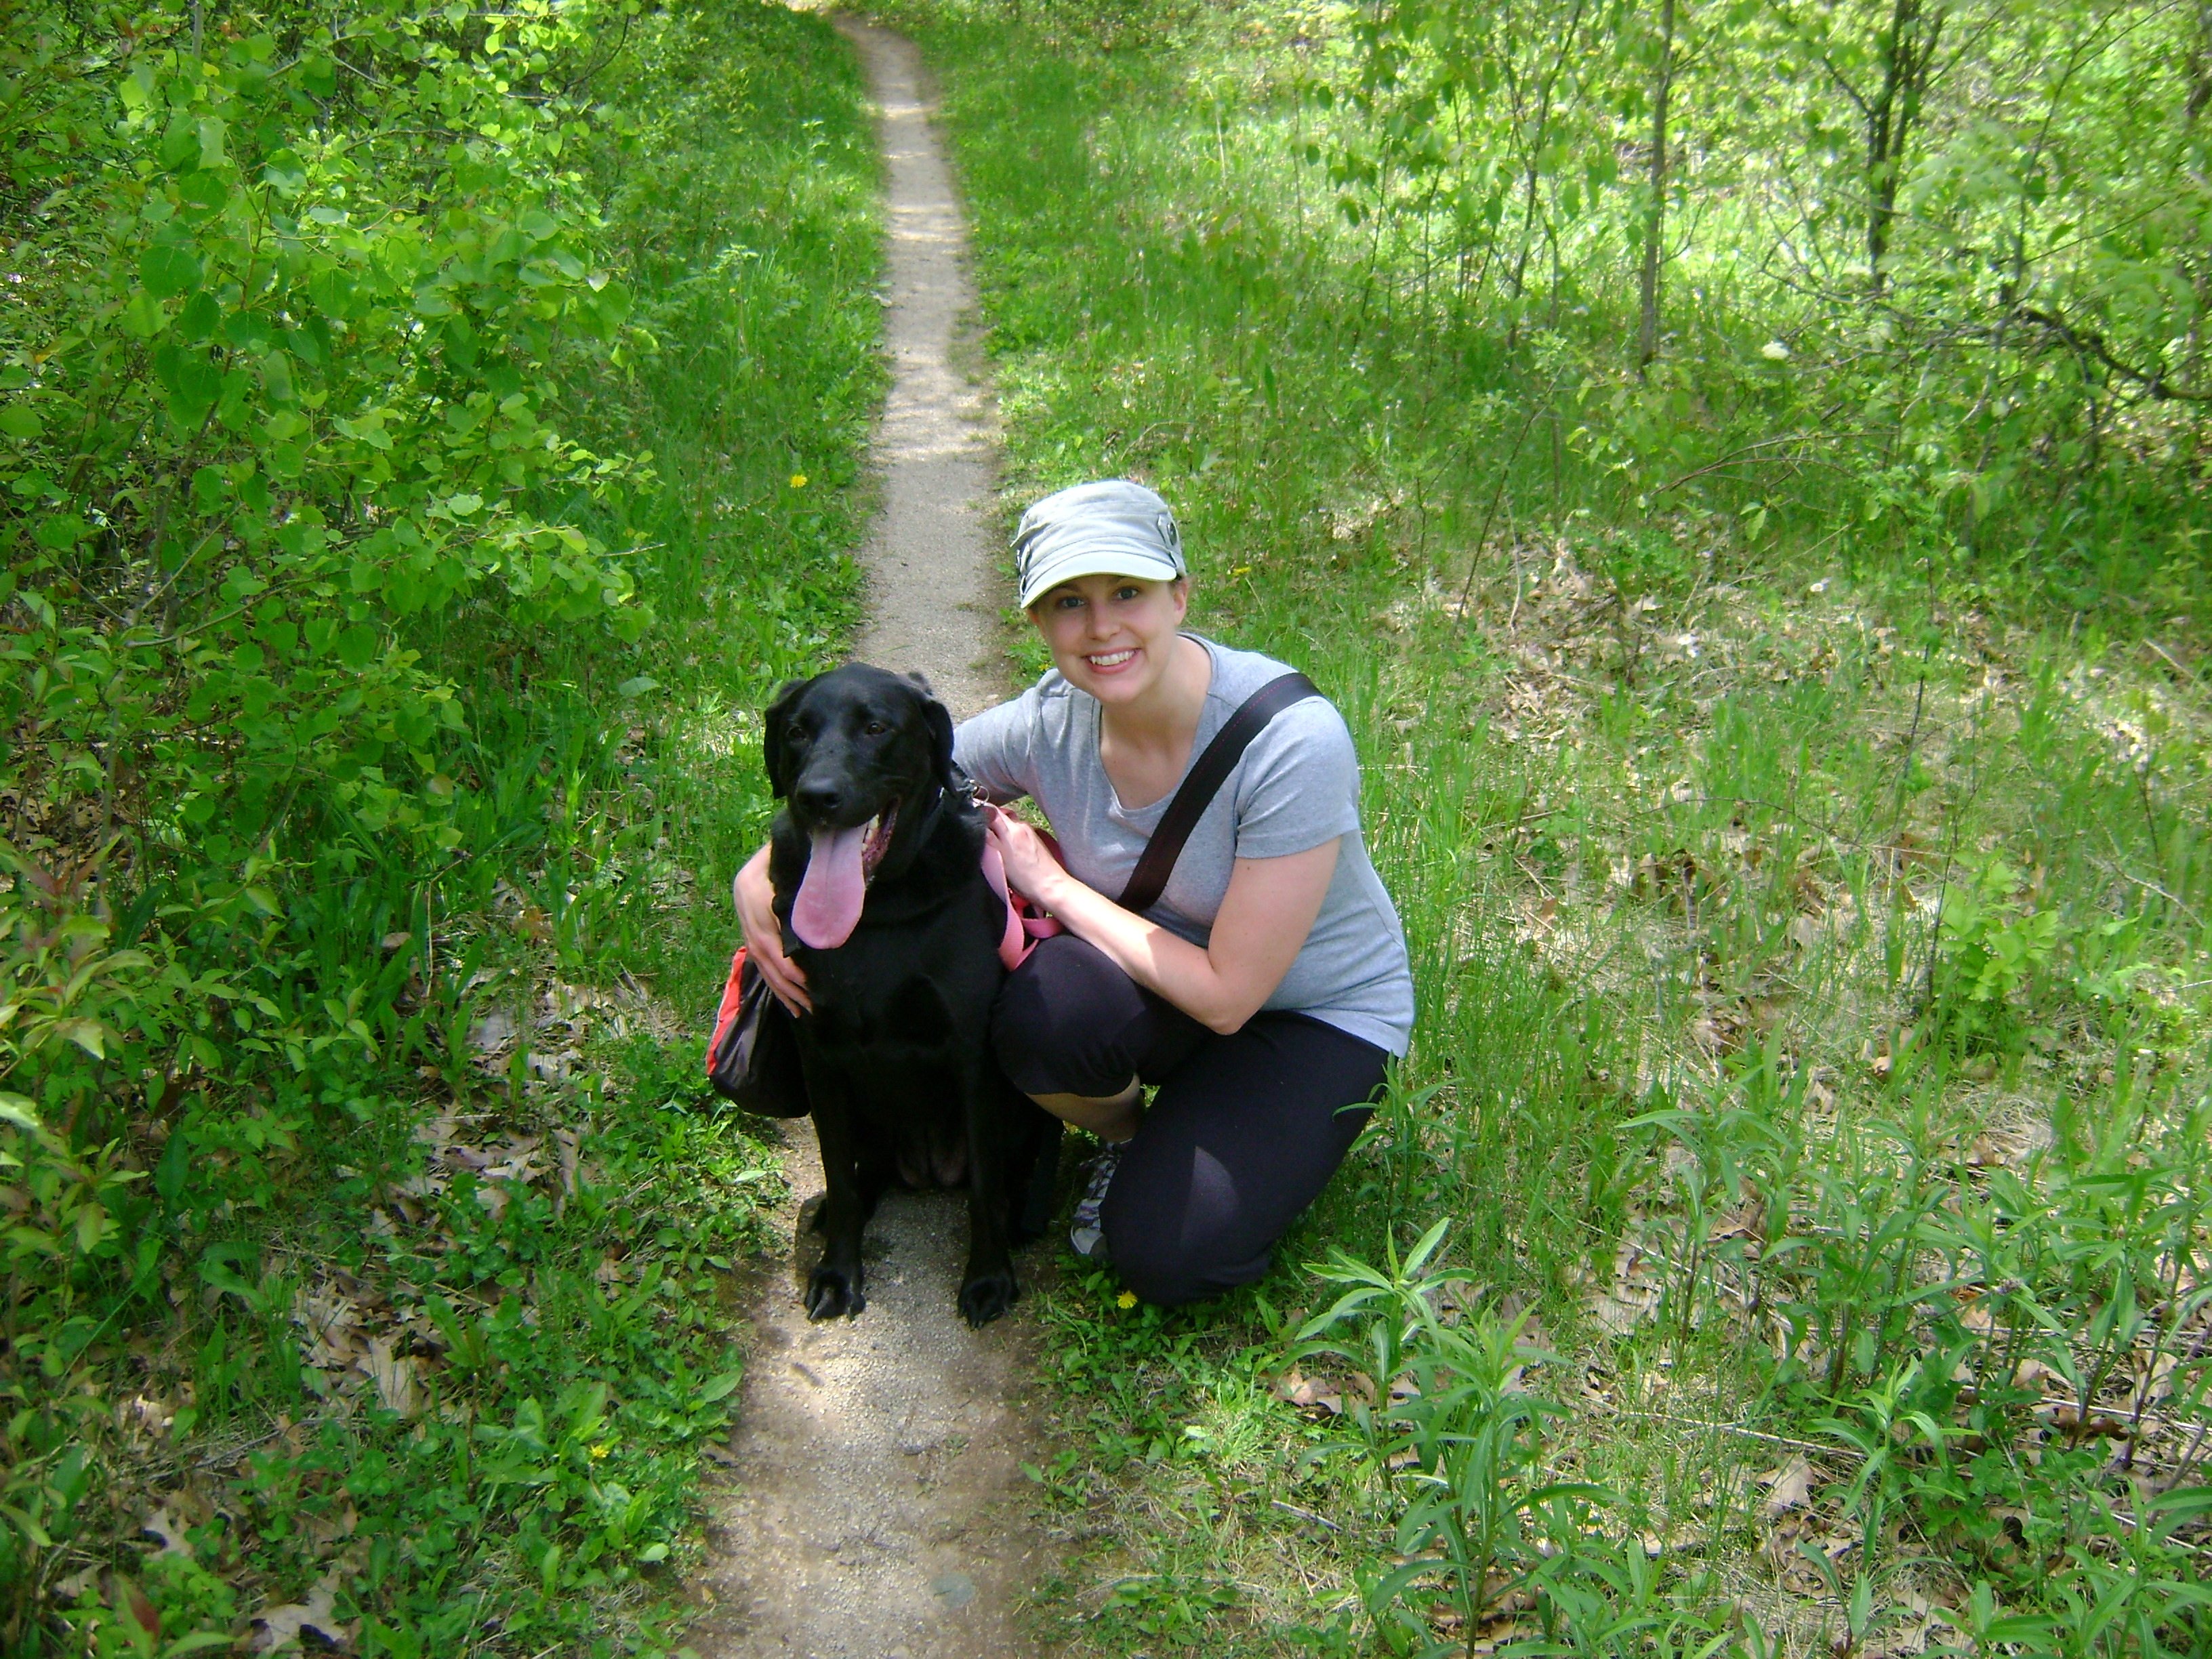 Sunday Hike Emma Carlin Hiking Biking Trail First Class